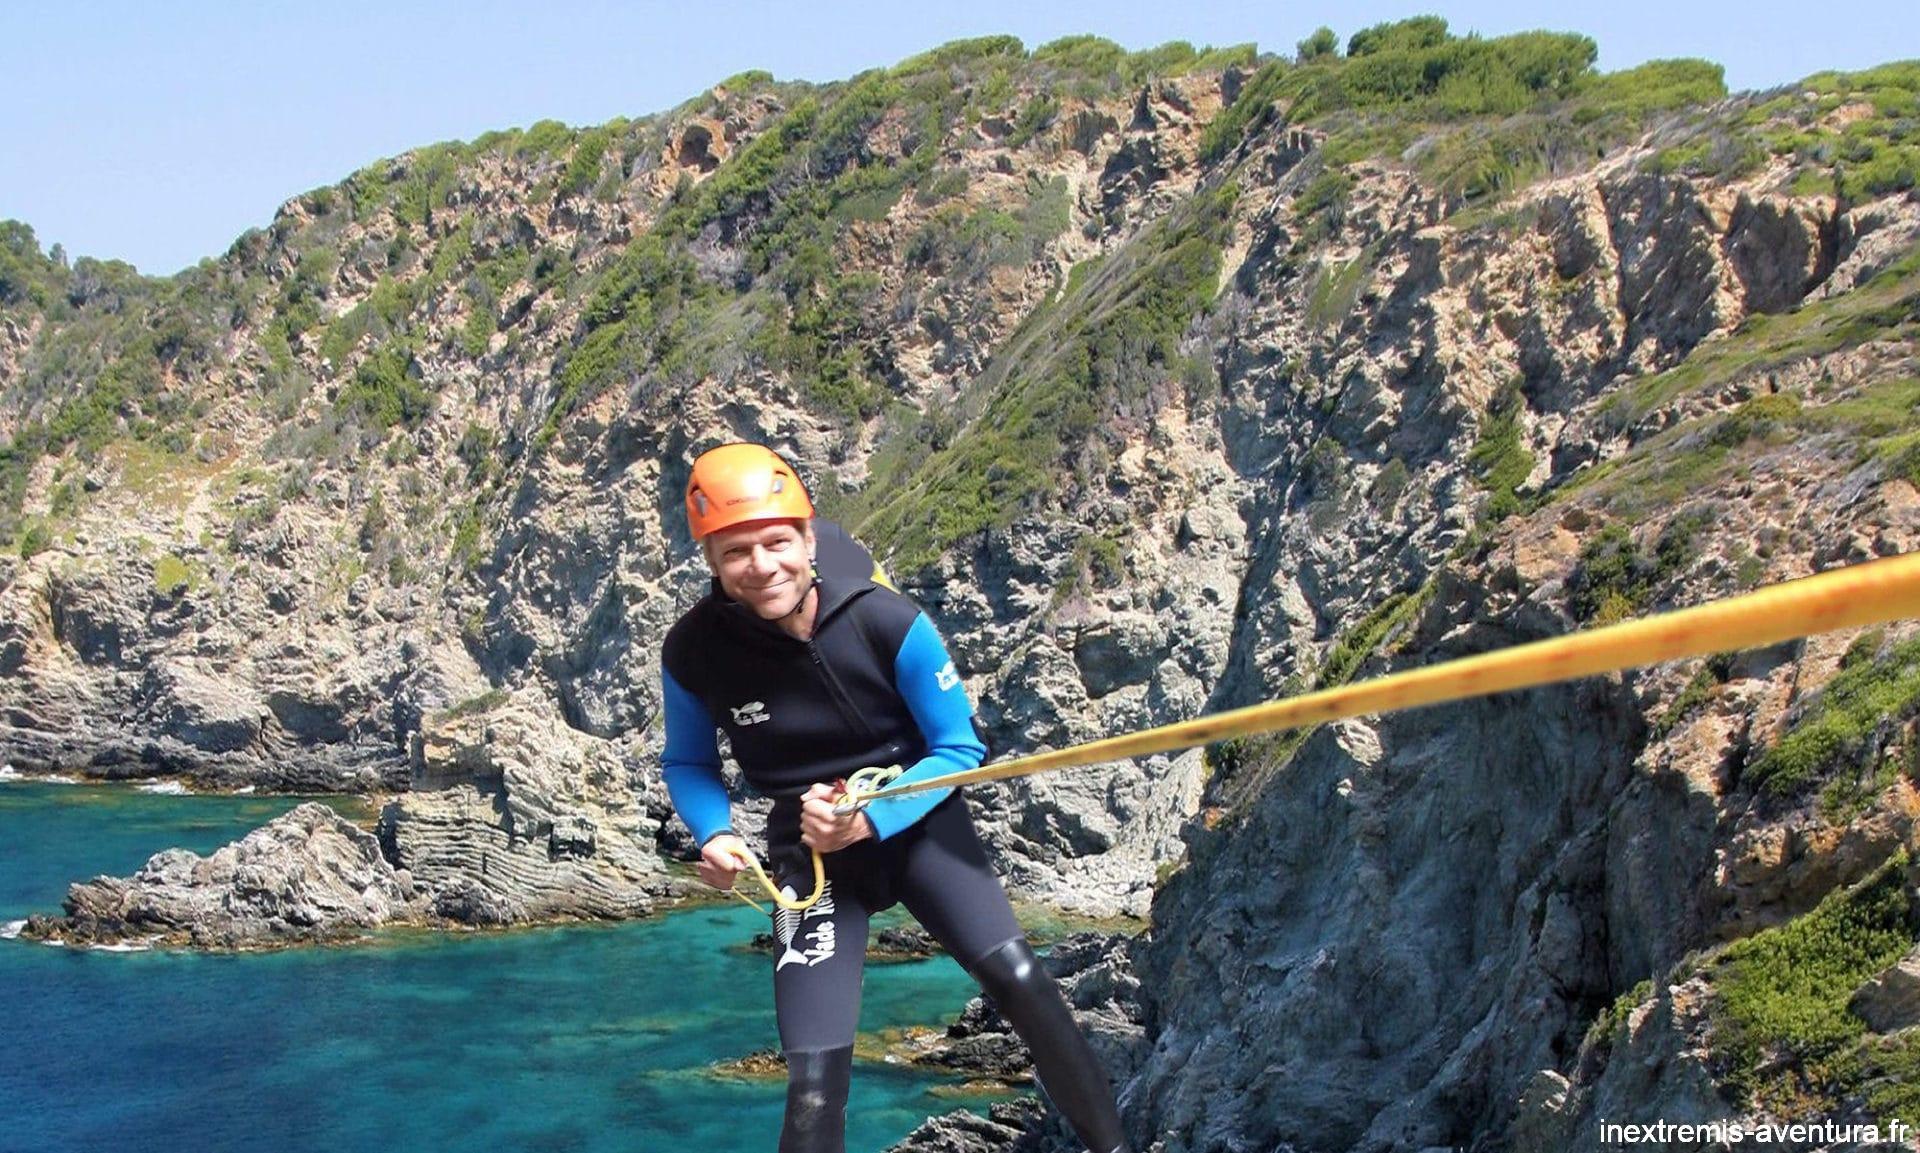 Coasteering - Canyoning en Bord de Mer - Pyrénées Orientales - 66